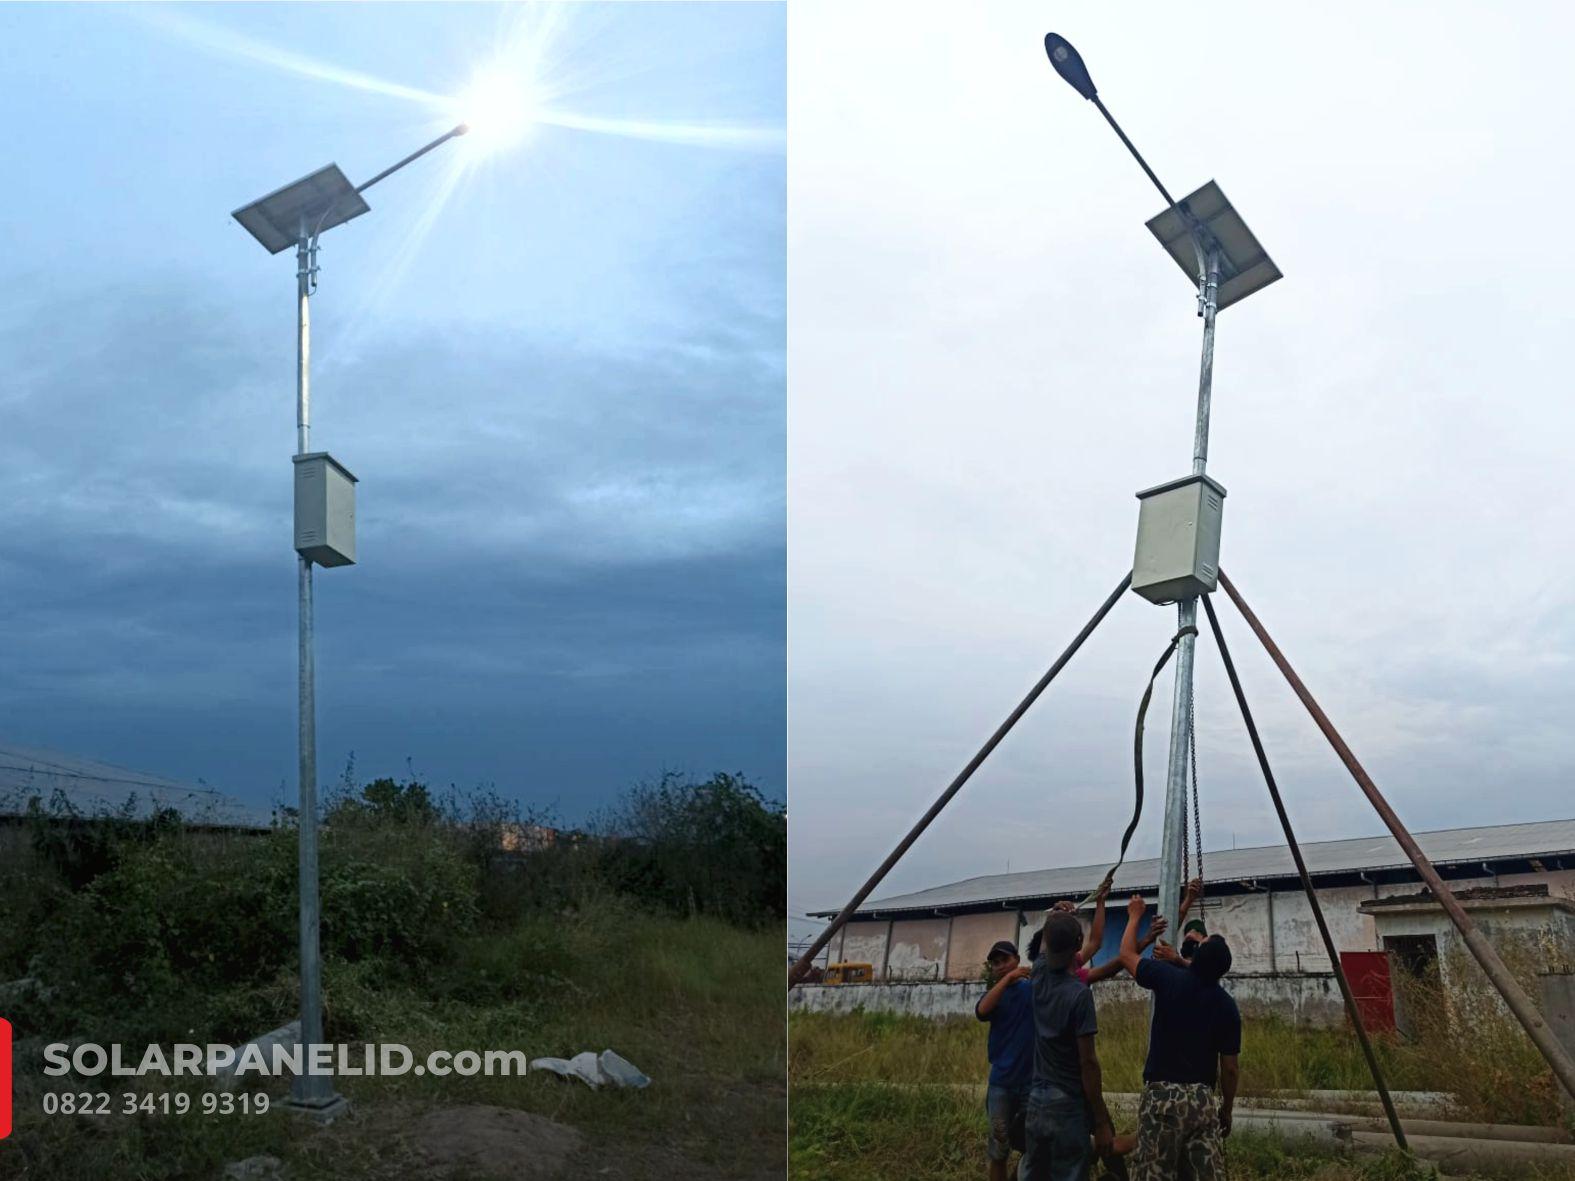 jual lampu pju solarcell tenaga surya surabaya